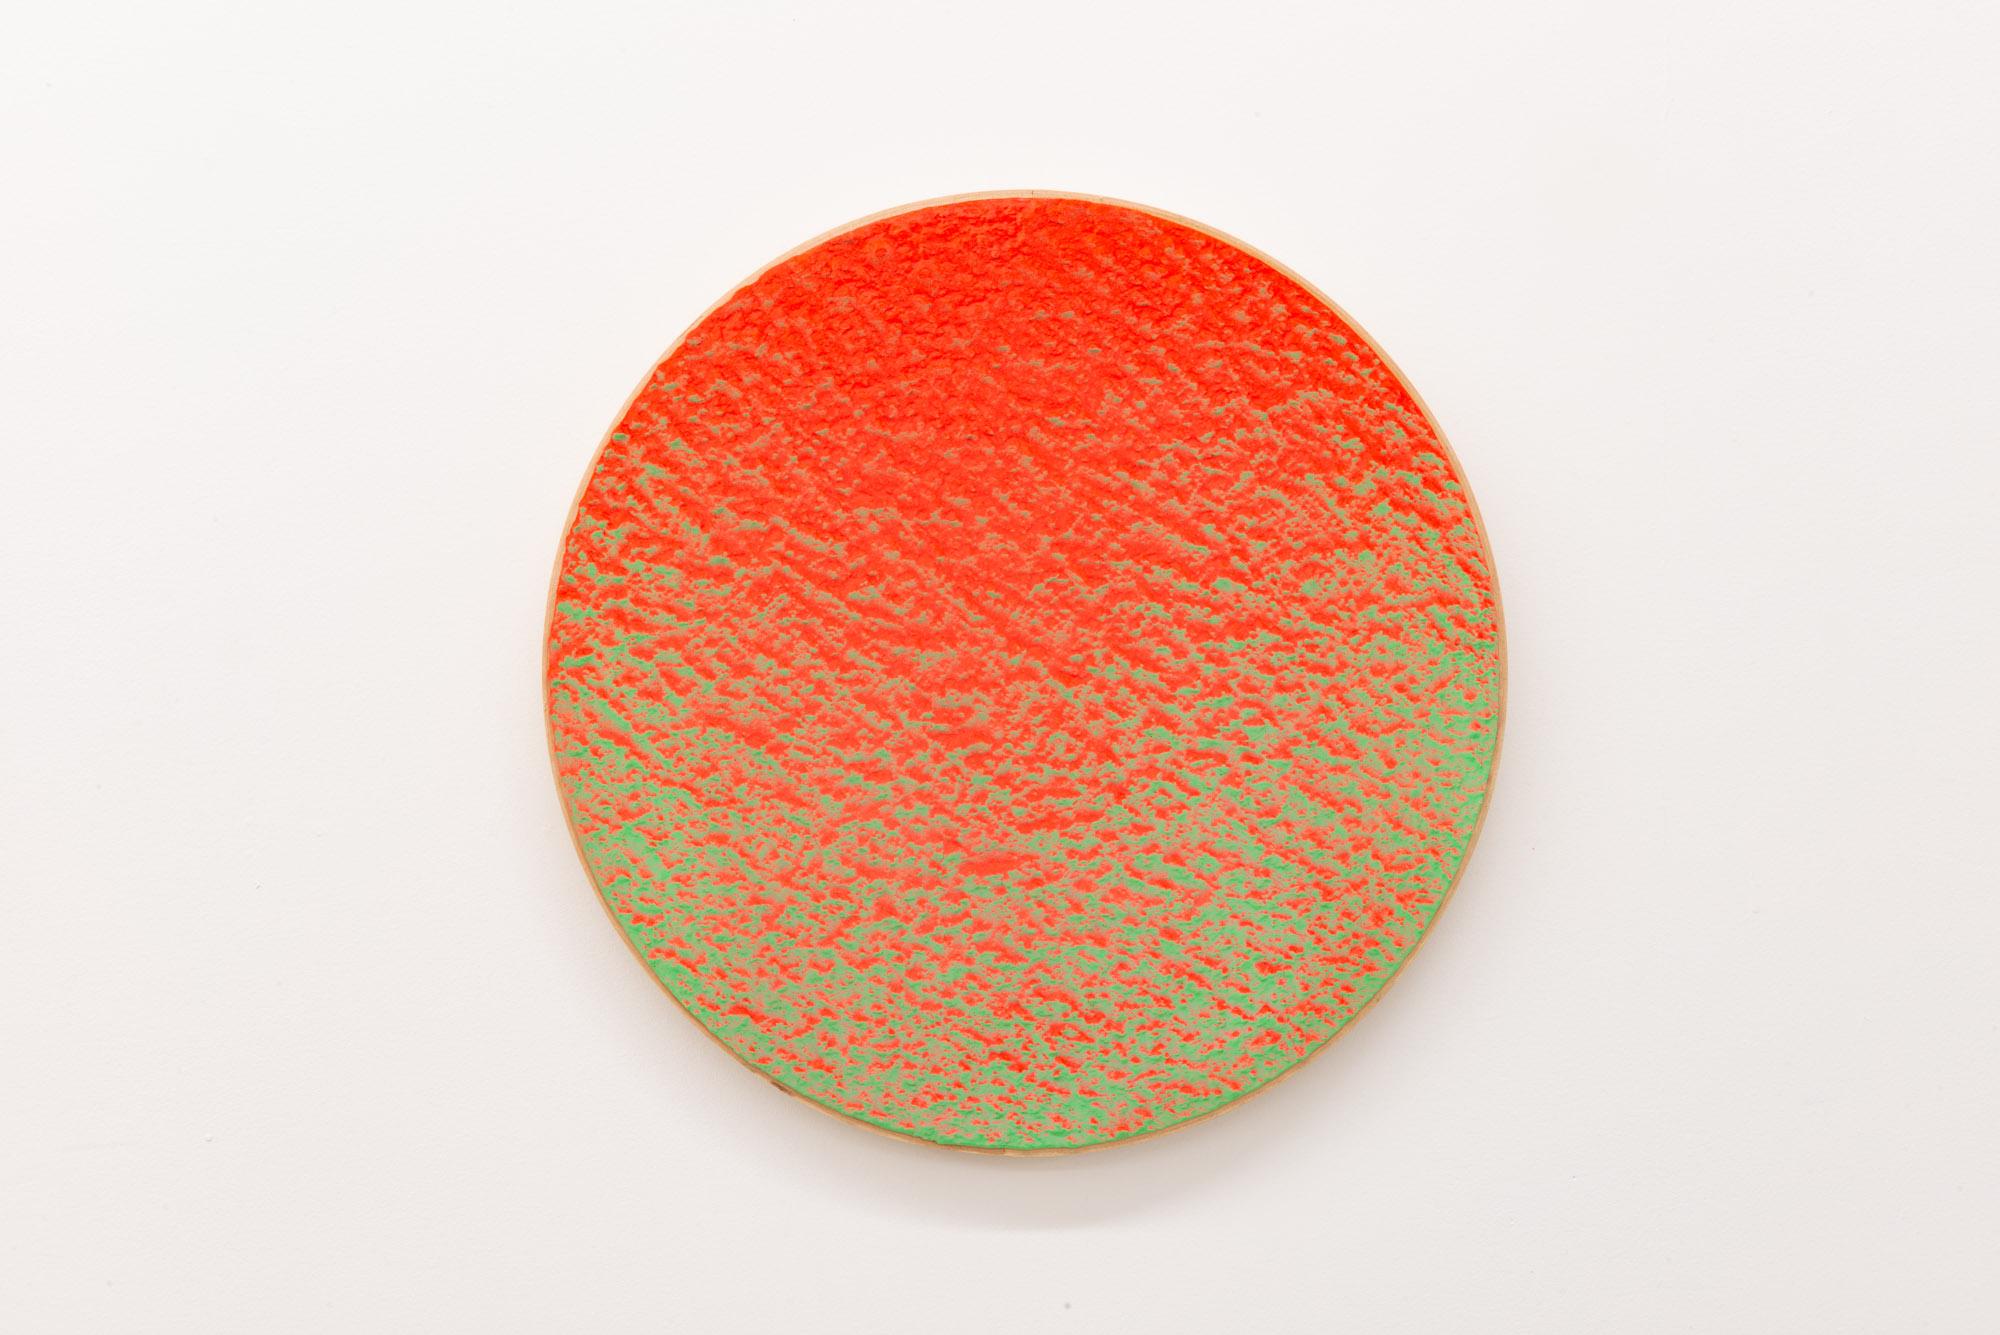 """Pierre Julien,  In the Deepest Oceans  - B009, 2018, stucco, peinture acrylique et peinture aérosol sur panneau de bois, 16"""" diamètre (41 cm)"""